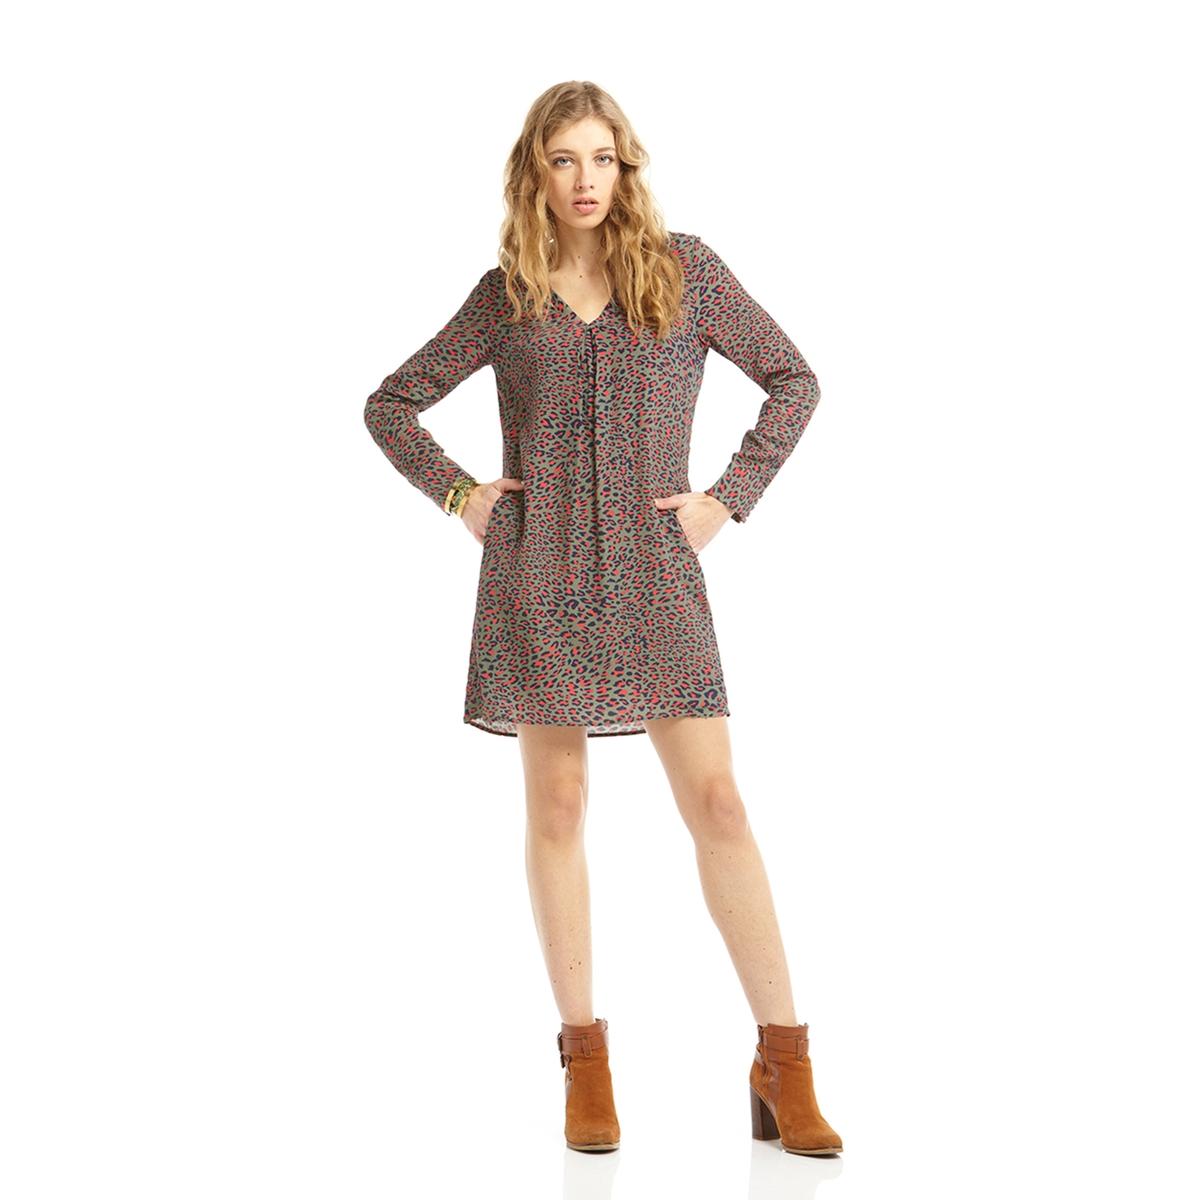 Платье с рисунком,длинные рукаваПлатье с рисунком от CHARLISE. Длинные рукава с застежкой на пуговицы.Состав и описаниеМарка:      CHARLISE.Материал:     100% вискоза.<br><br>Цвет: хаки<br>Размер: 42 (FR) - 48 (RUS)